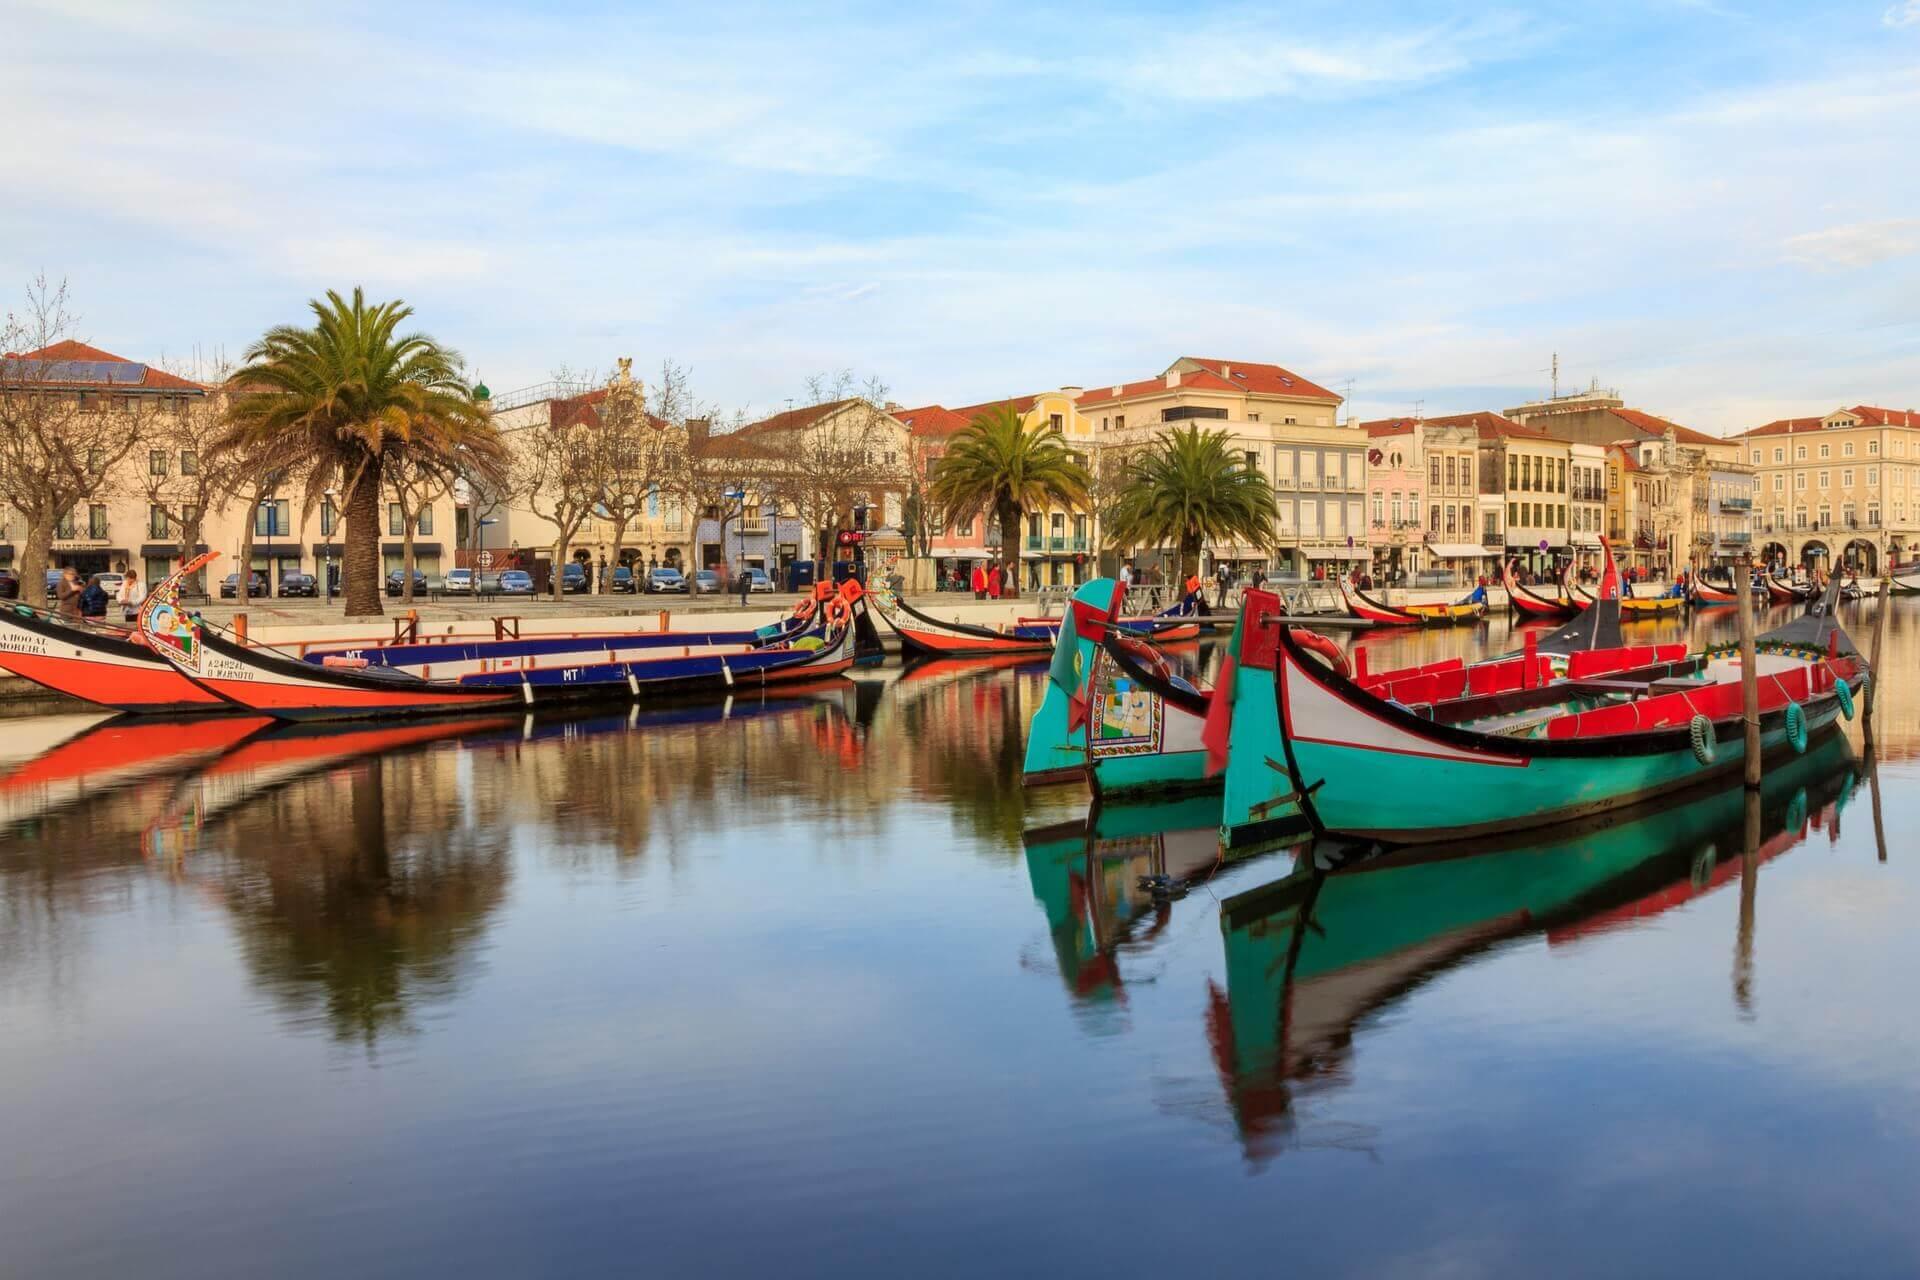 moliceiros boats in the Aveiro canal